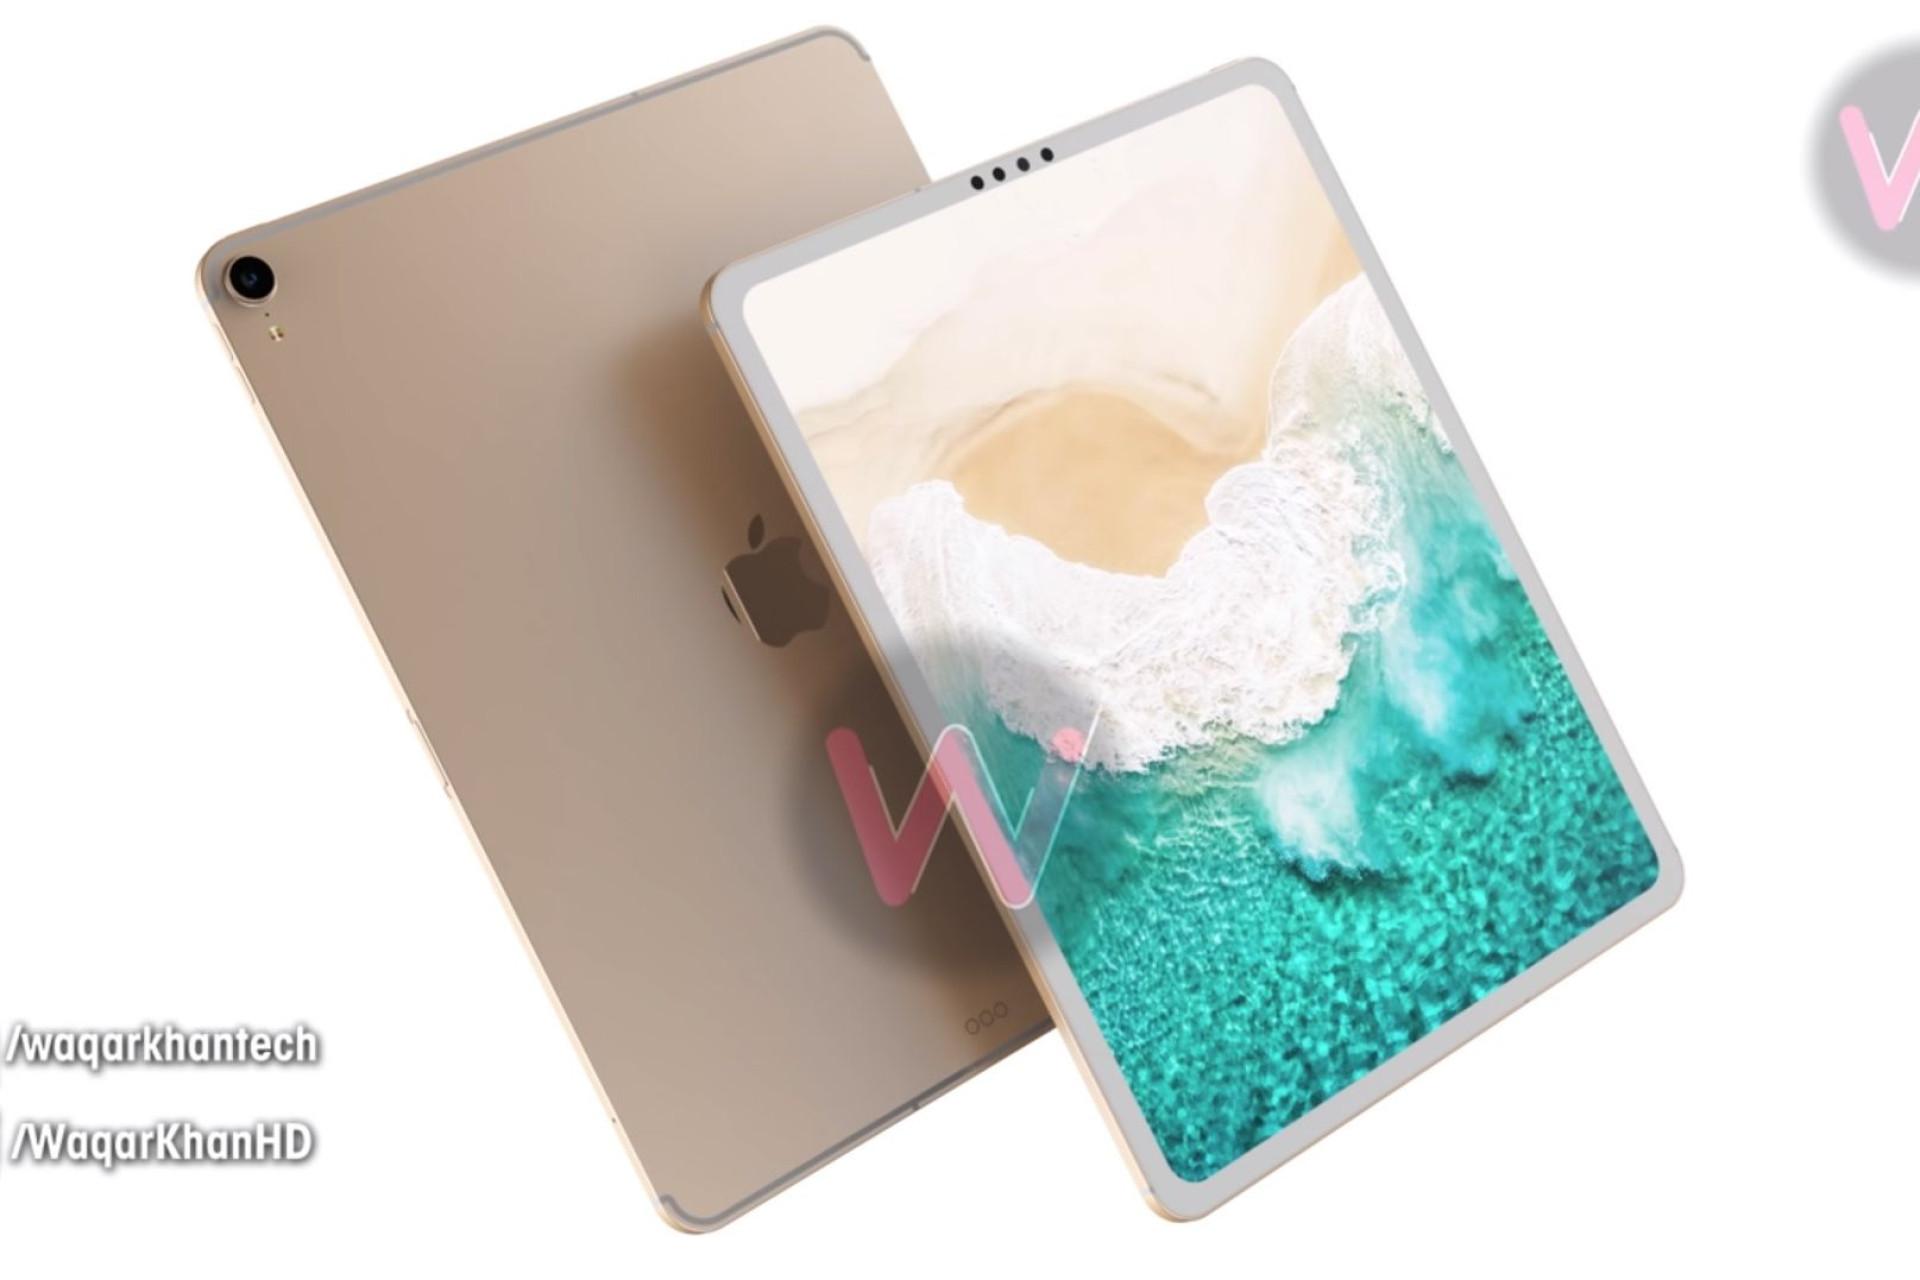 Curioso com novo iPad? Vídeo mostra-lhe o novo design